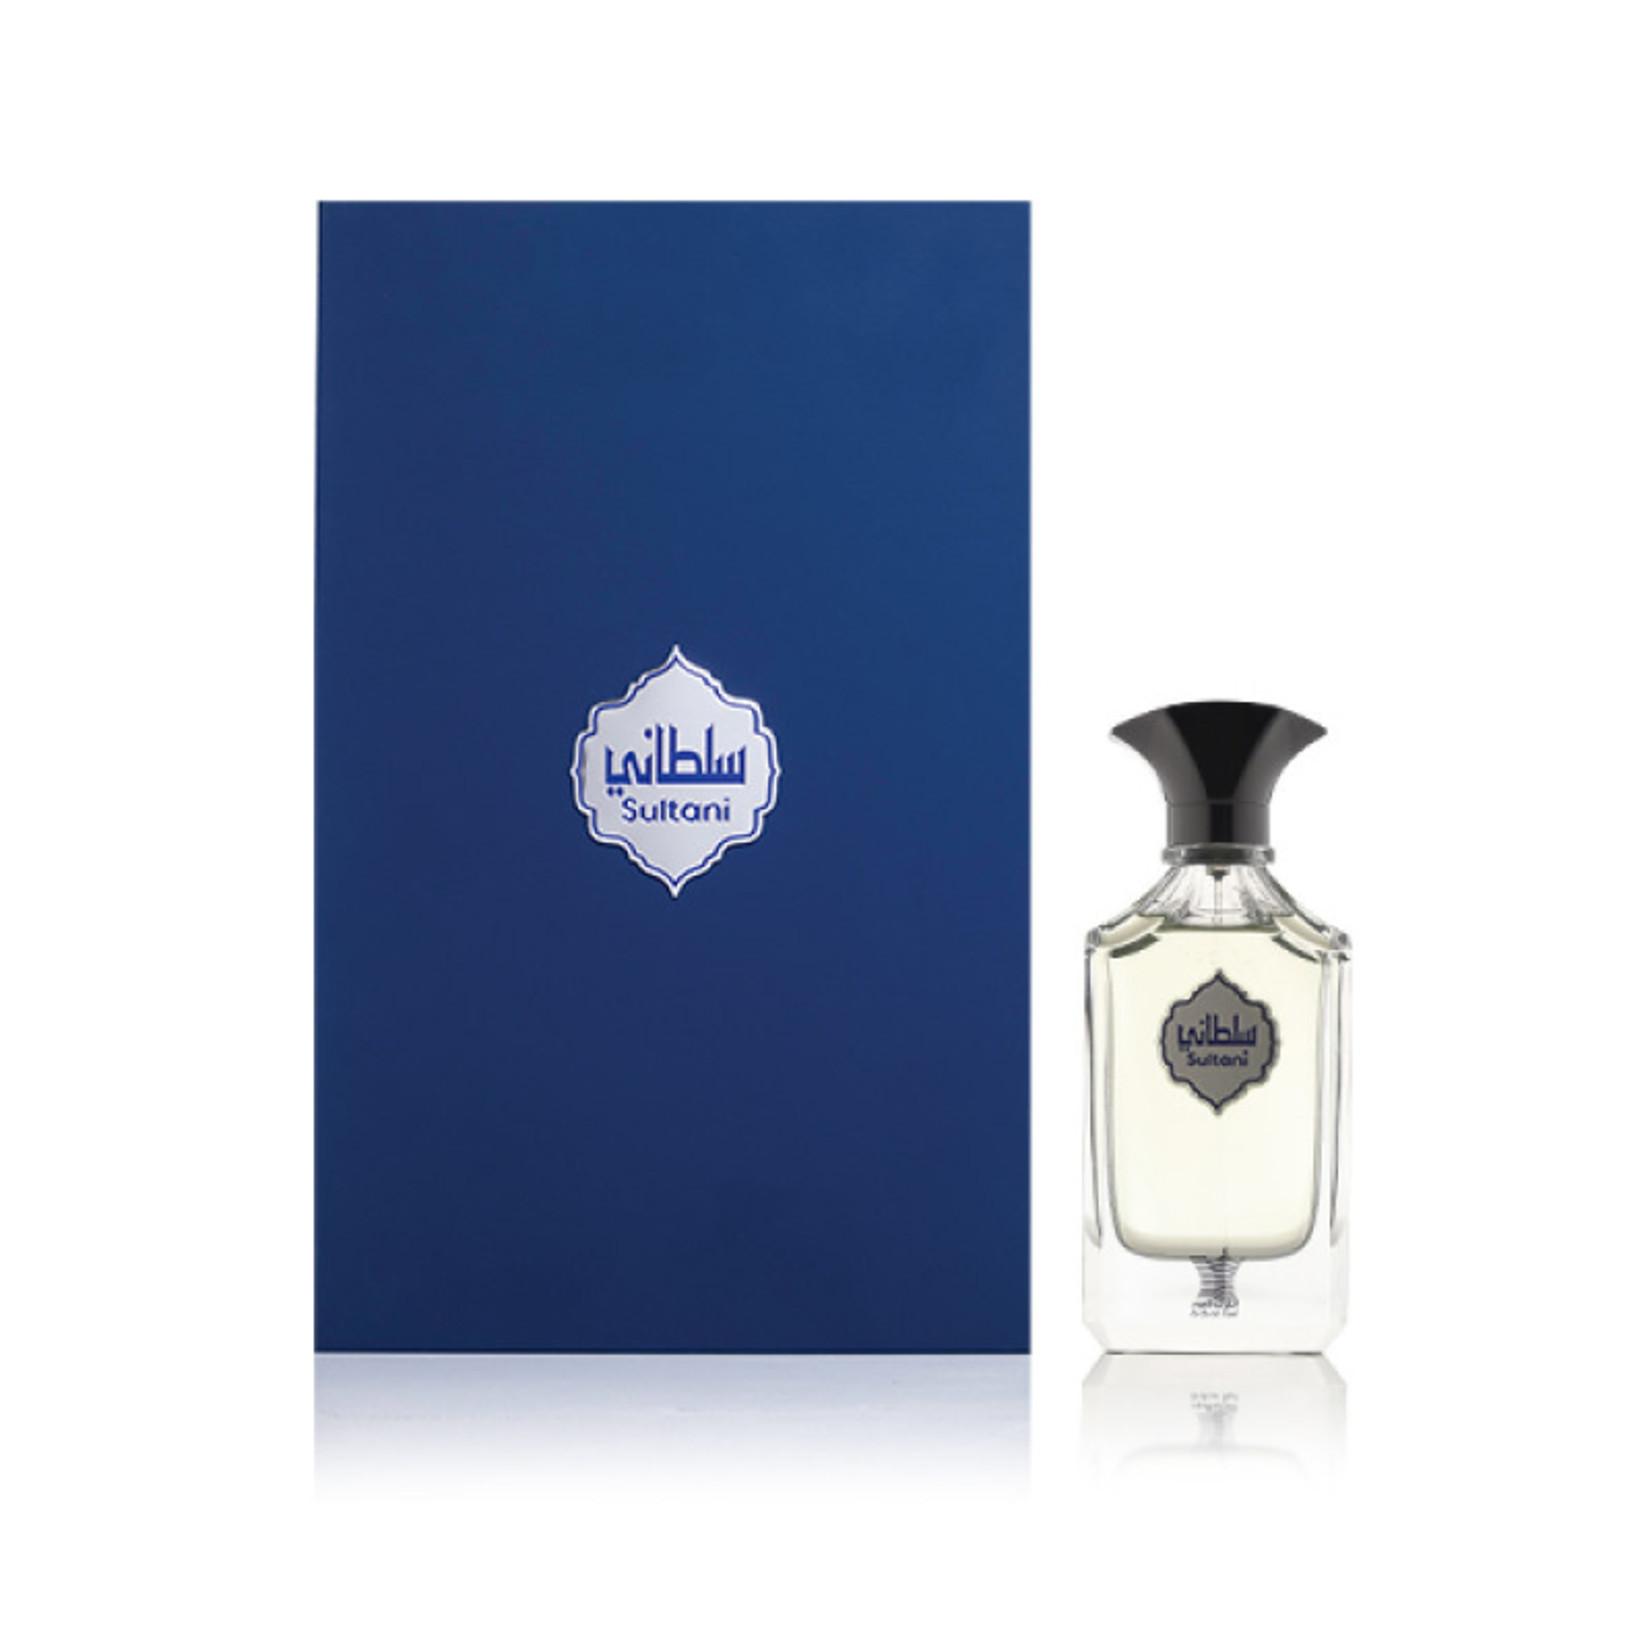 Sultani - 100ml Eau de Parfum